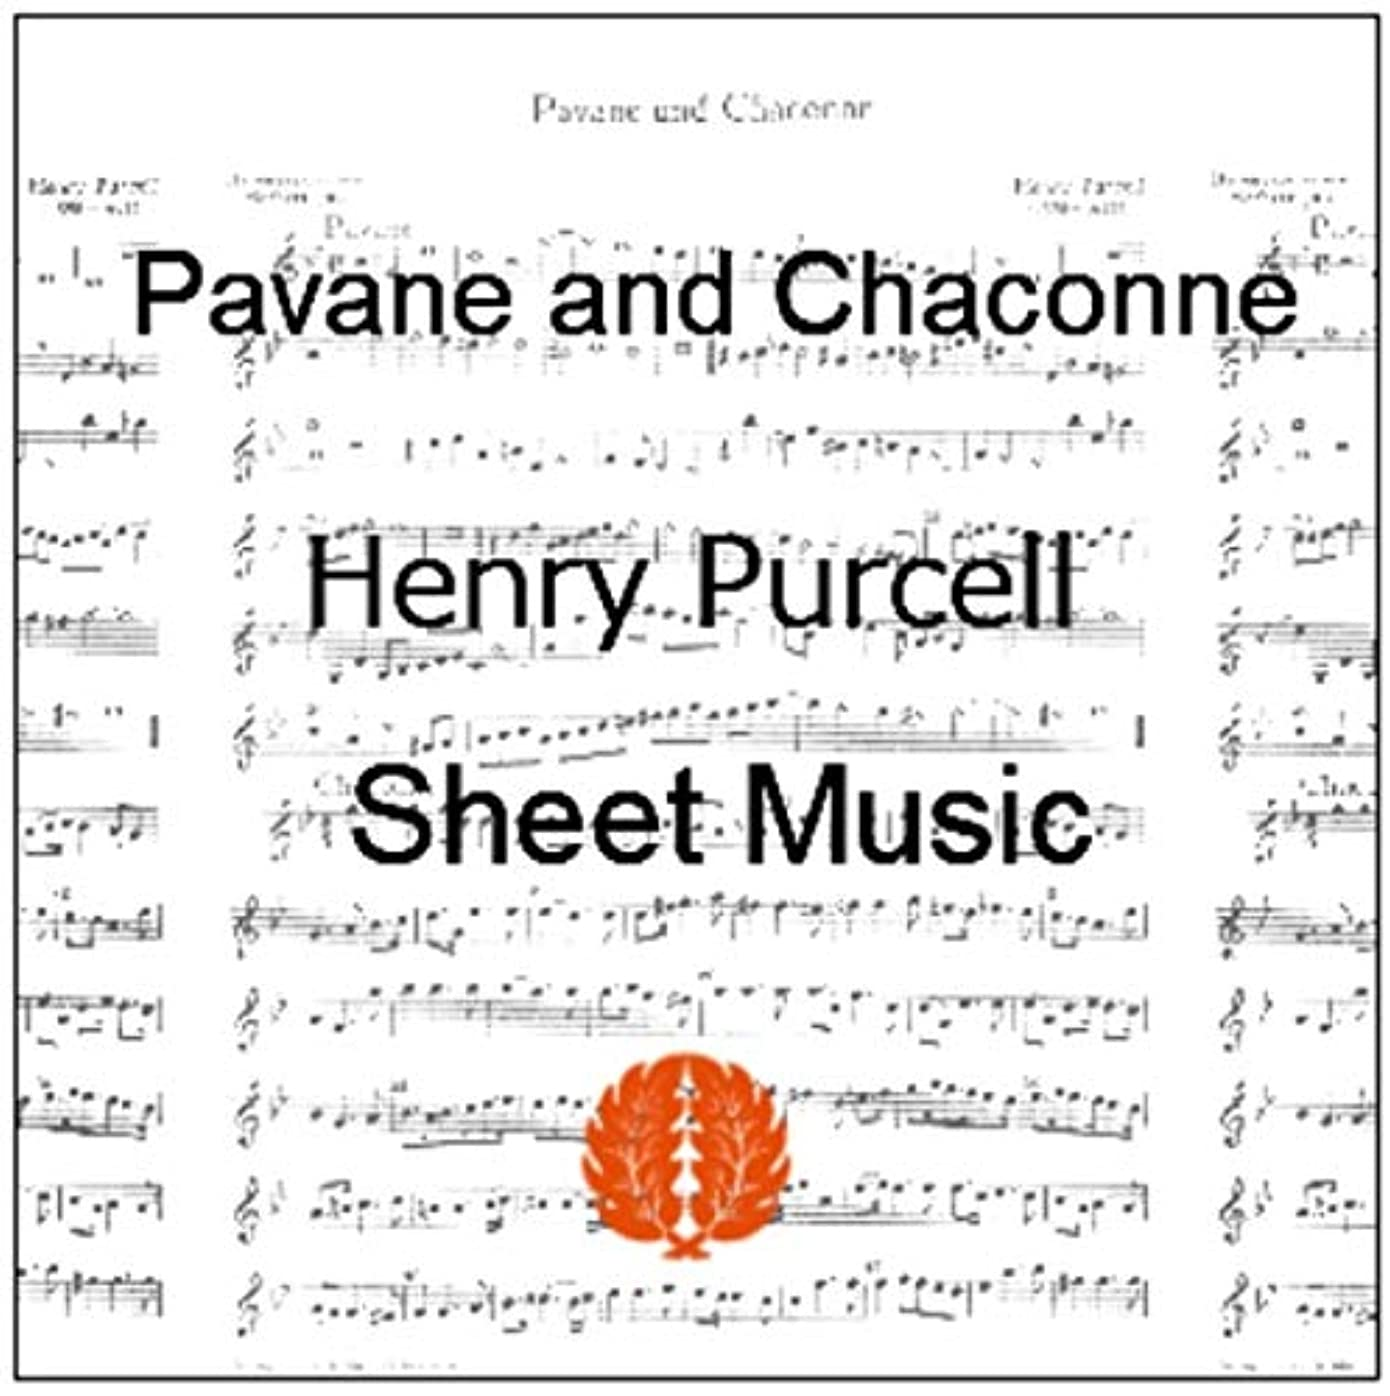 楽譜 pdf ヘンリー?パーセル パヴァーヌとシャコンヌ パート譜セット ヴァイオリン3本  バス(チェロまたはピアノなど)